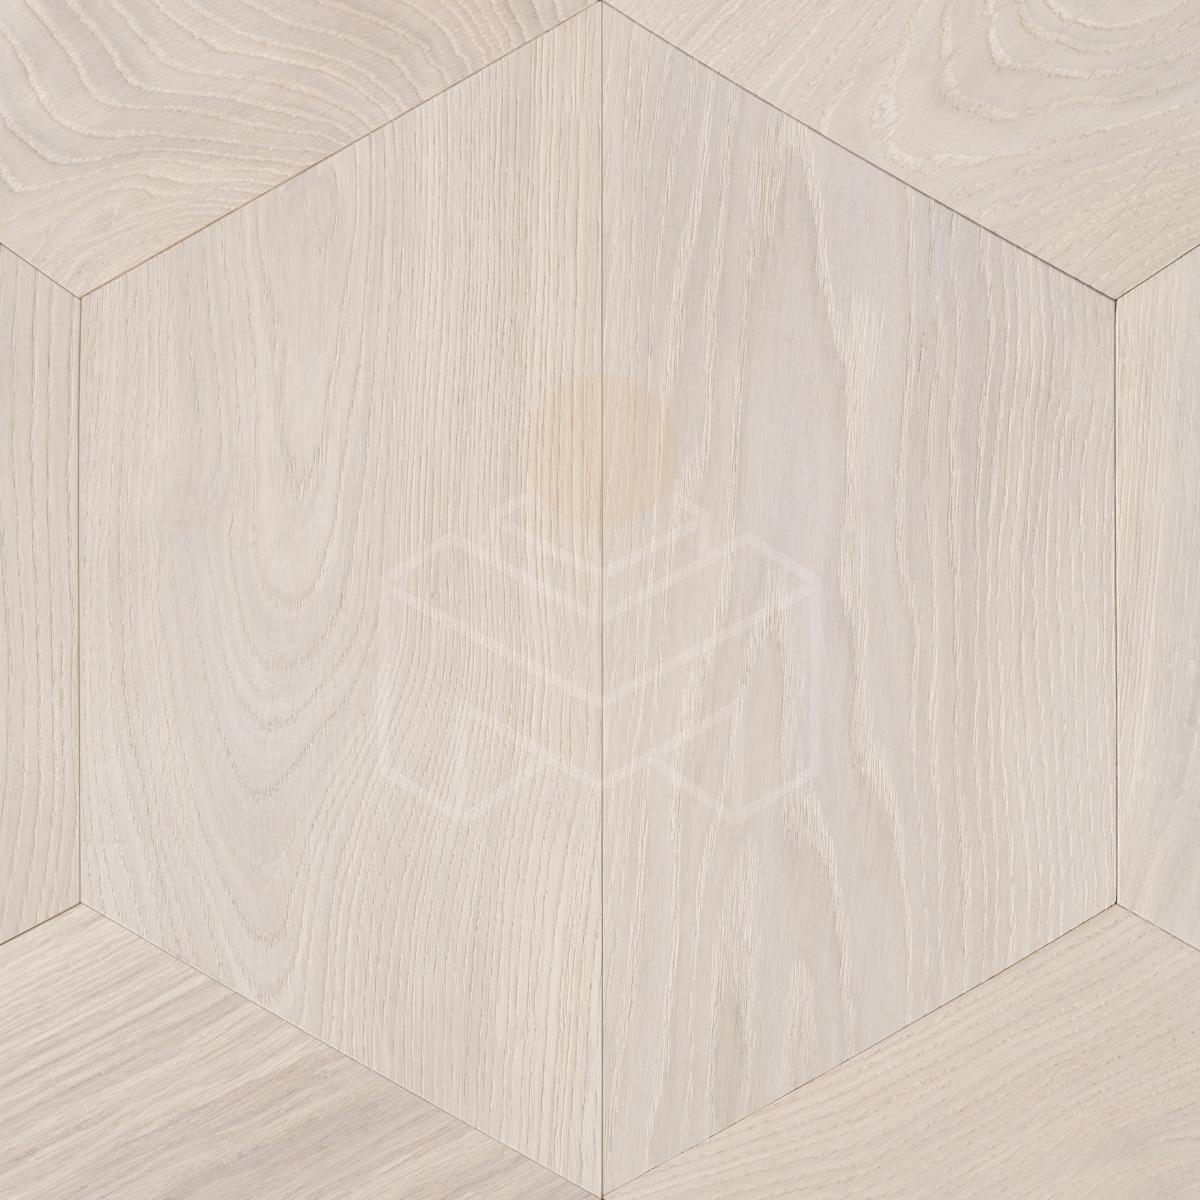 Инженерная доска COSWICK Дуб Белый иней ПАРКЕТРИ-Трапеция Масло шелковое 3-х слойный T&G (шип-паз) Селект энд Бэттер 1194-1258